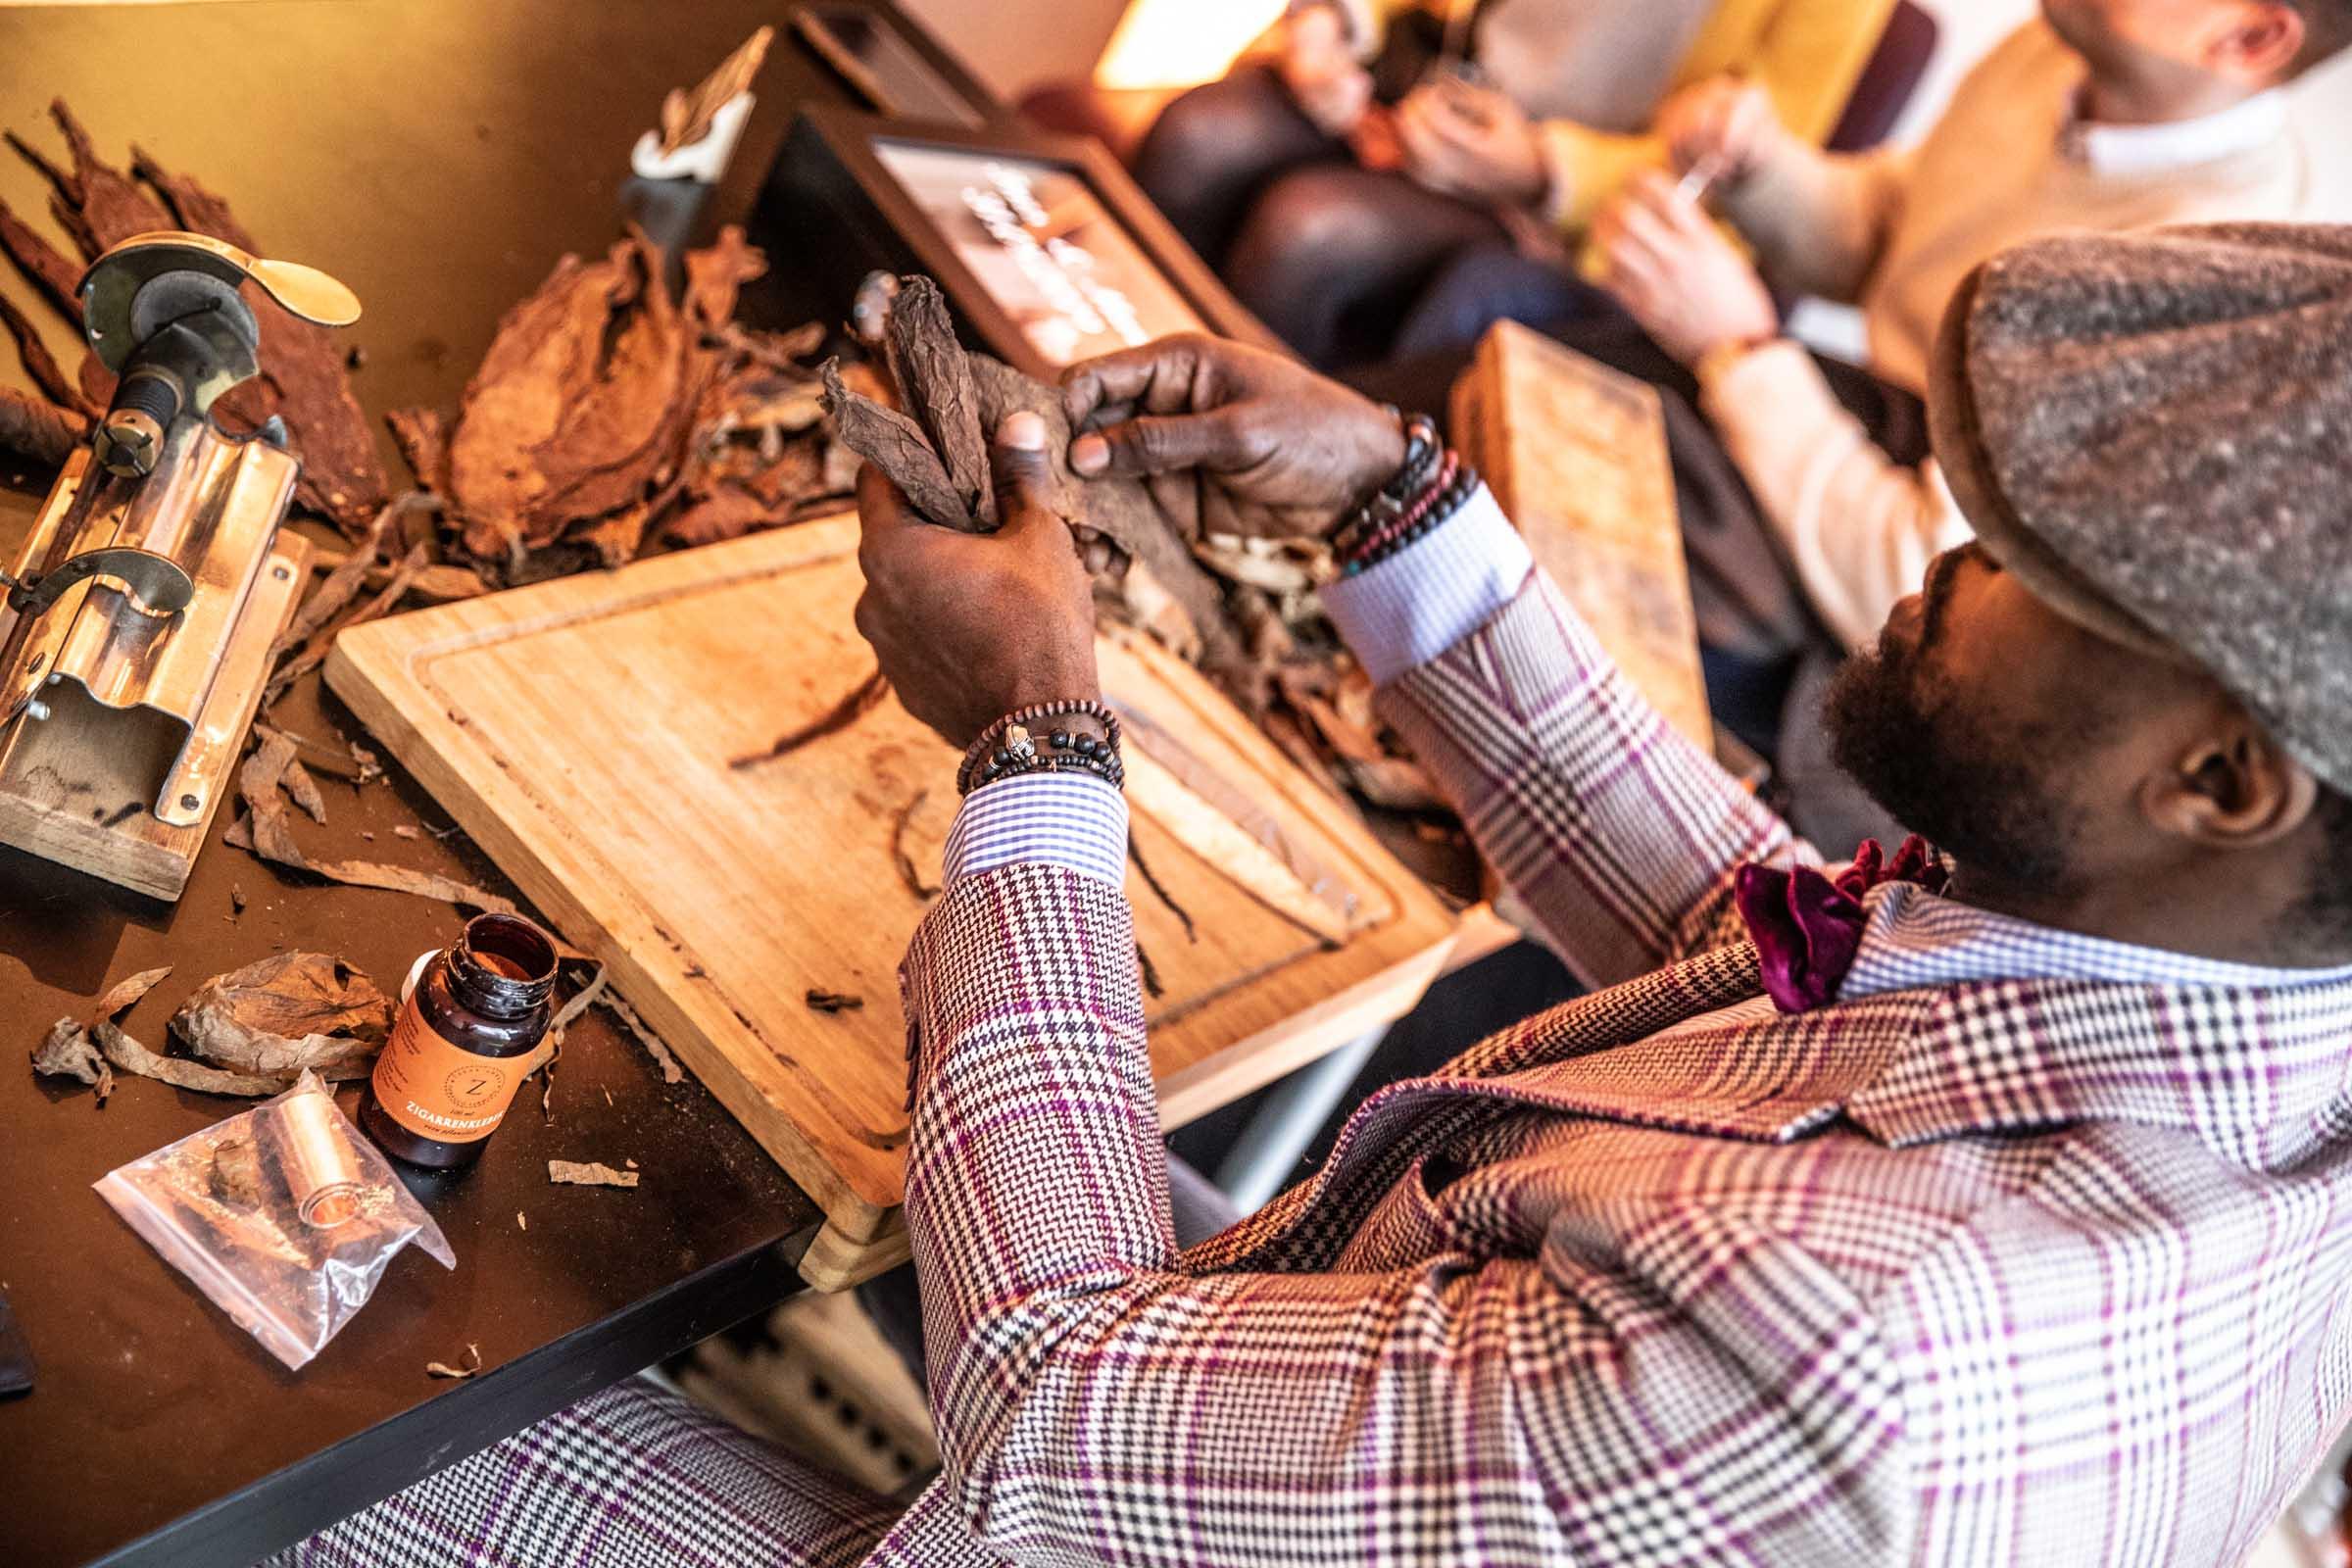 Zigarrenroller |Zigarrendreher |Buchen | Mieten | Anfragen | Event | Firmenfeier | Jubiläum